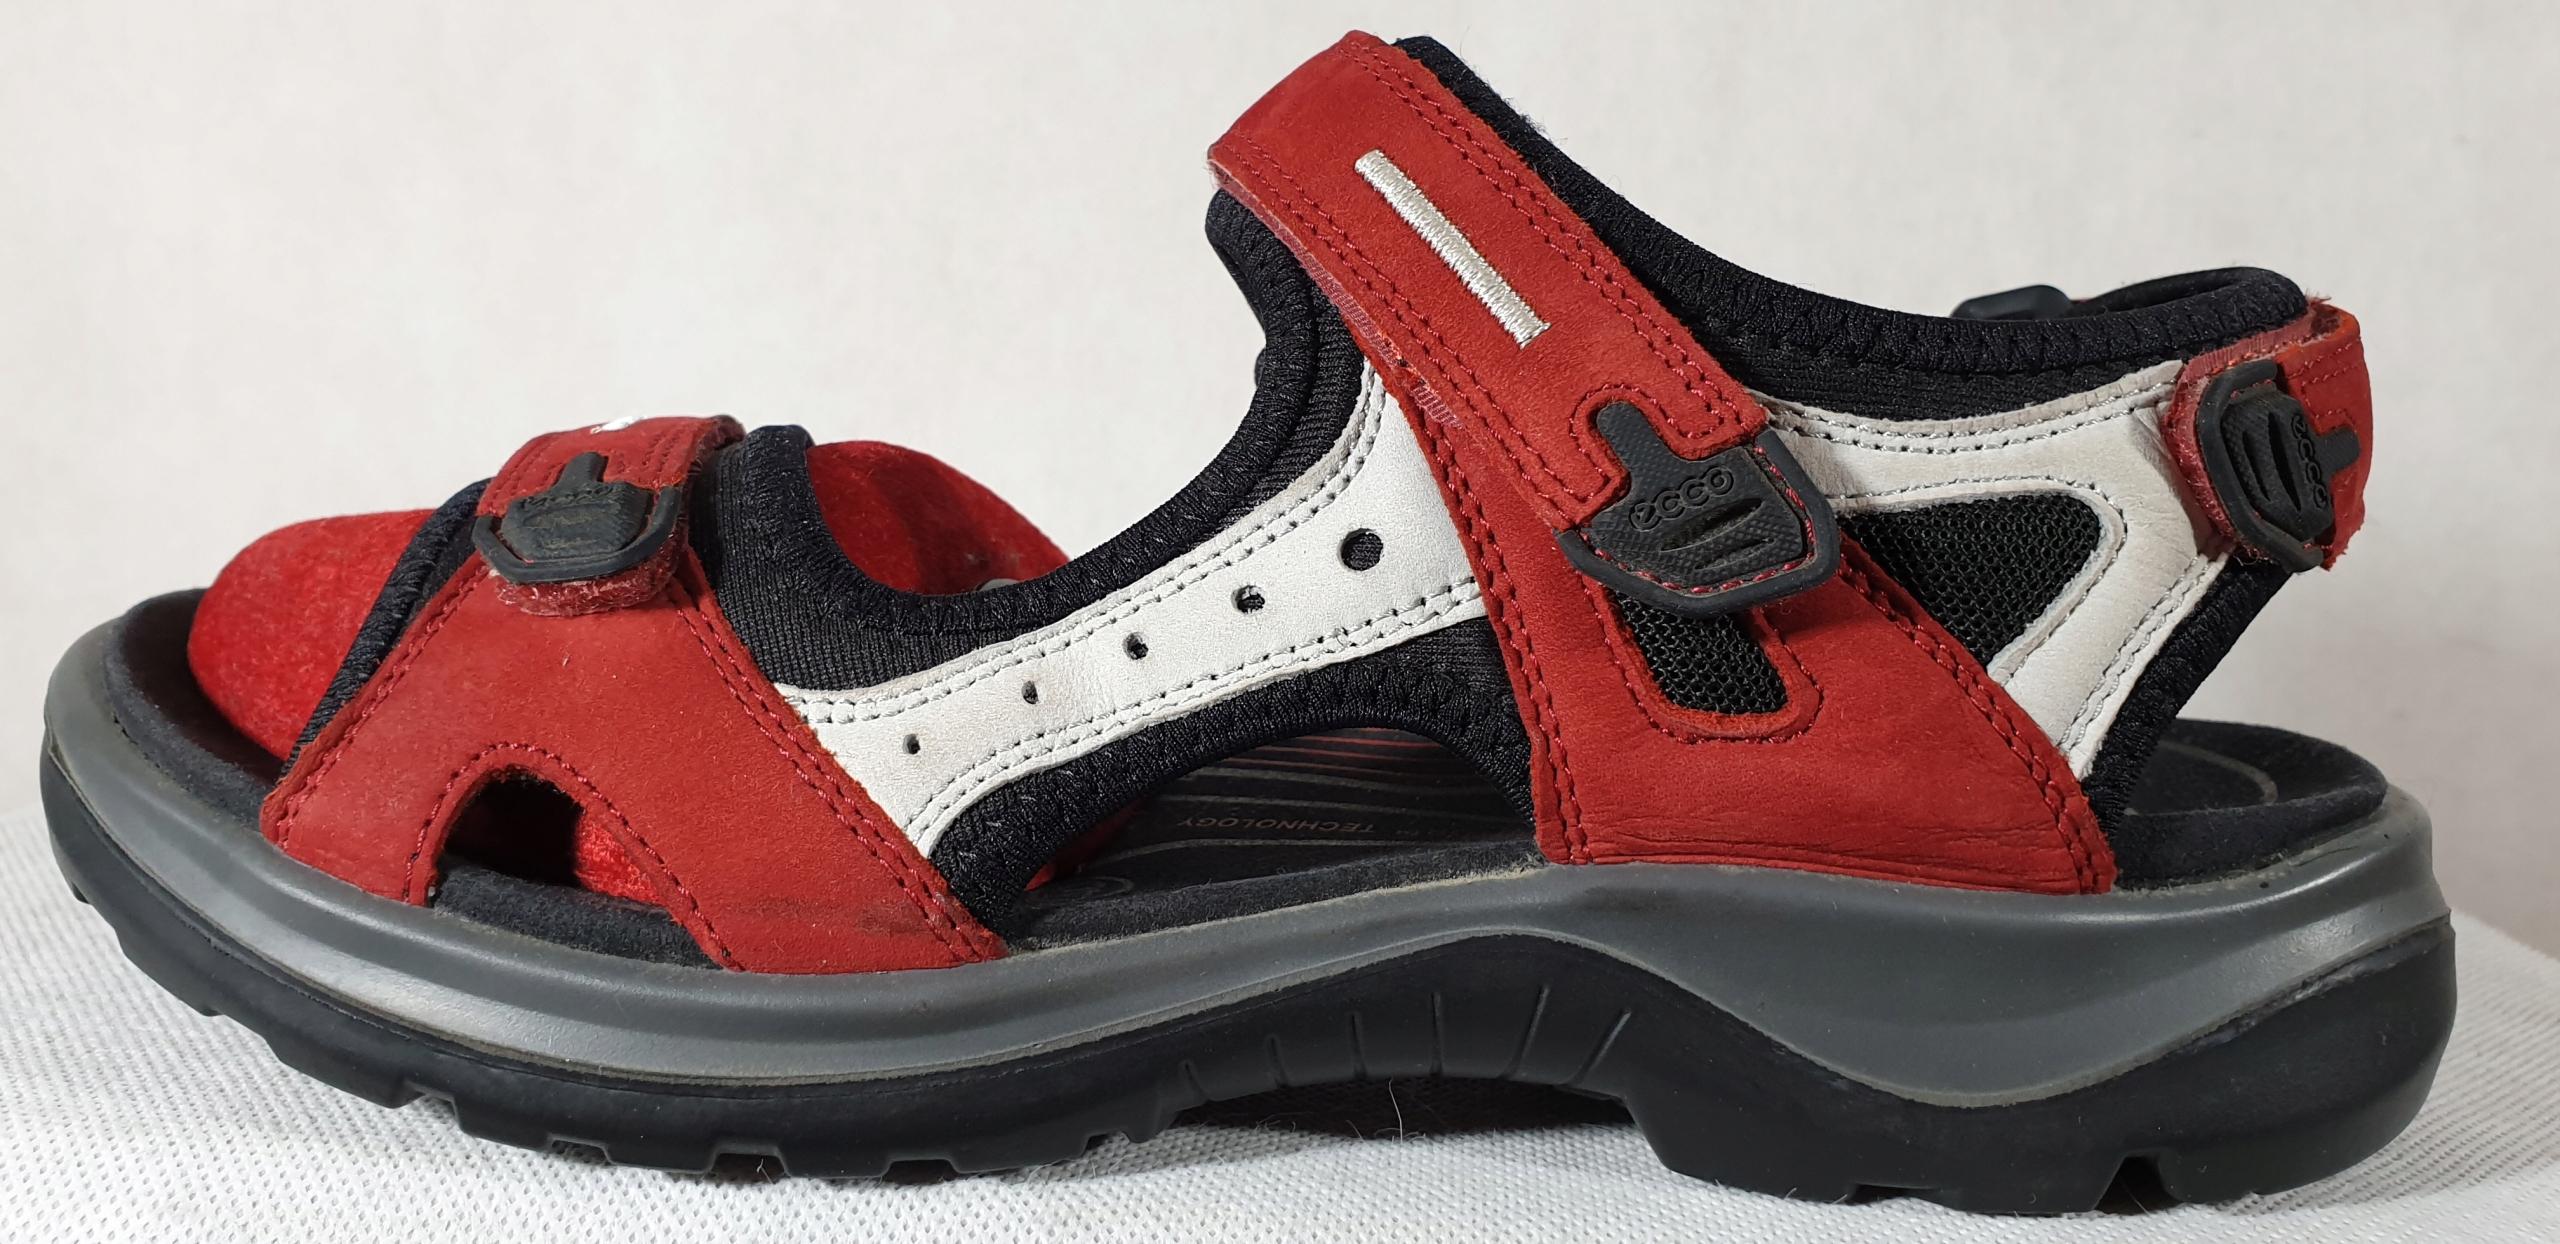 Skórzane sandały ECCO roz.40,dł.wkł 26cm S.IDEALNY